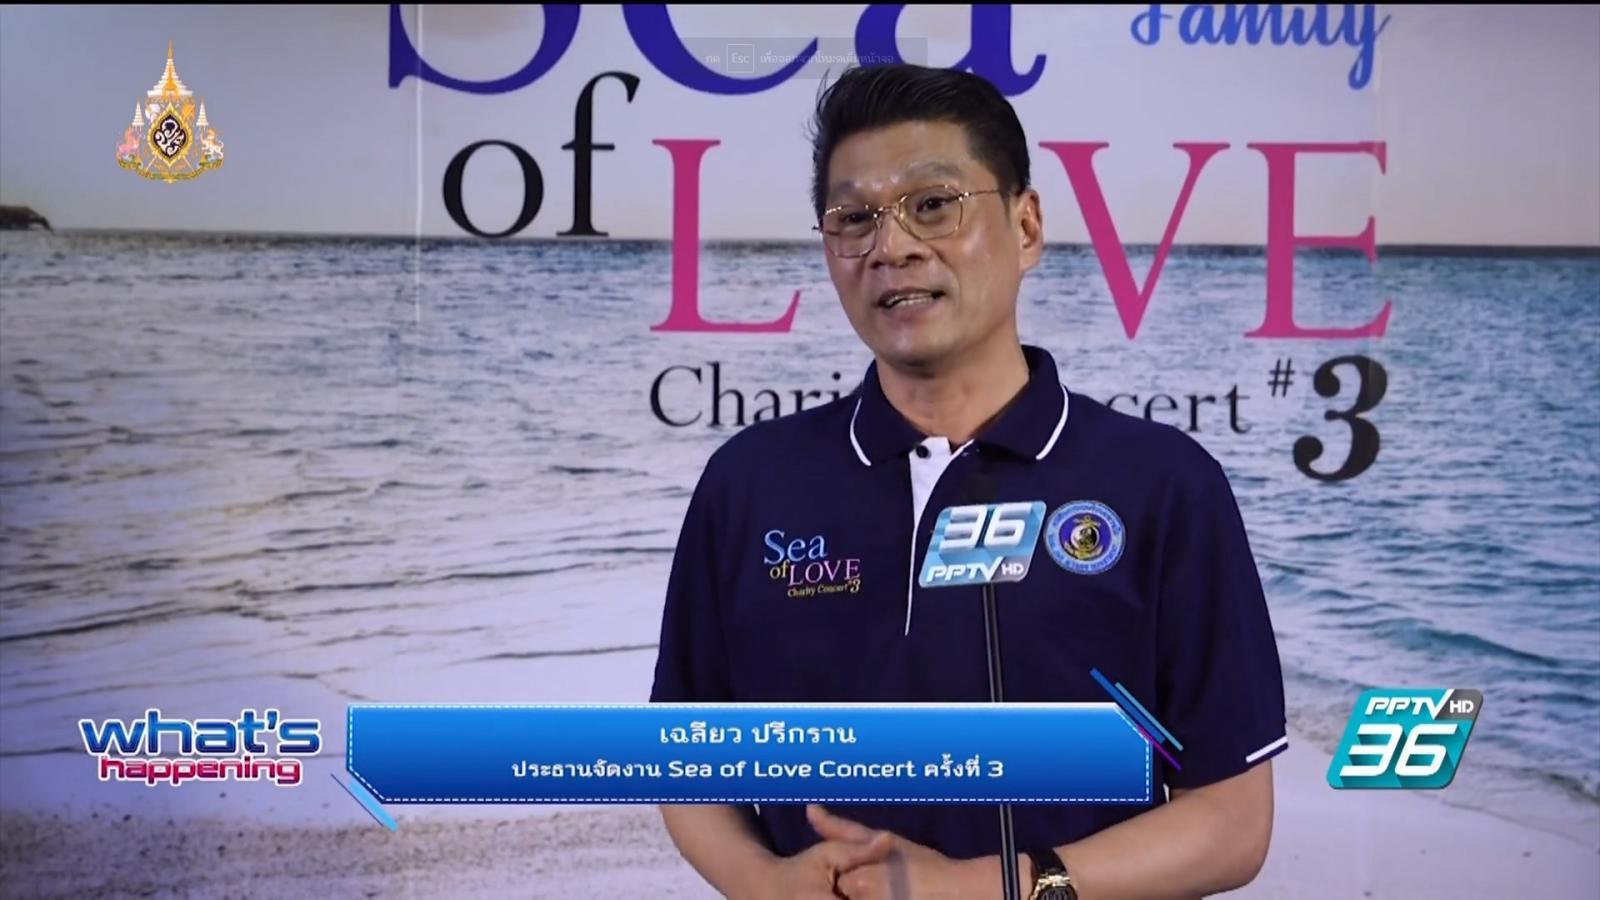 พสบ.ทร. แถลงข่าวจัดคอนเสิร์ต Sea of Love Concert ครั้งที่ 3